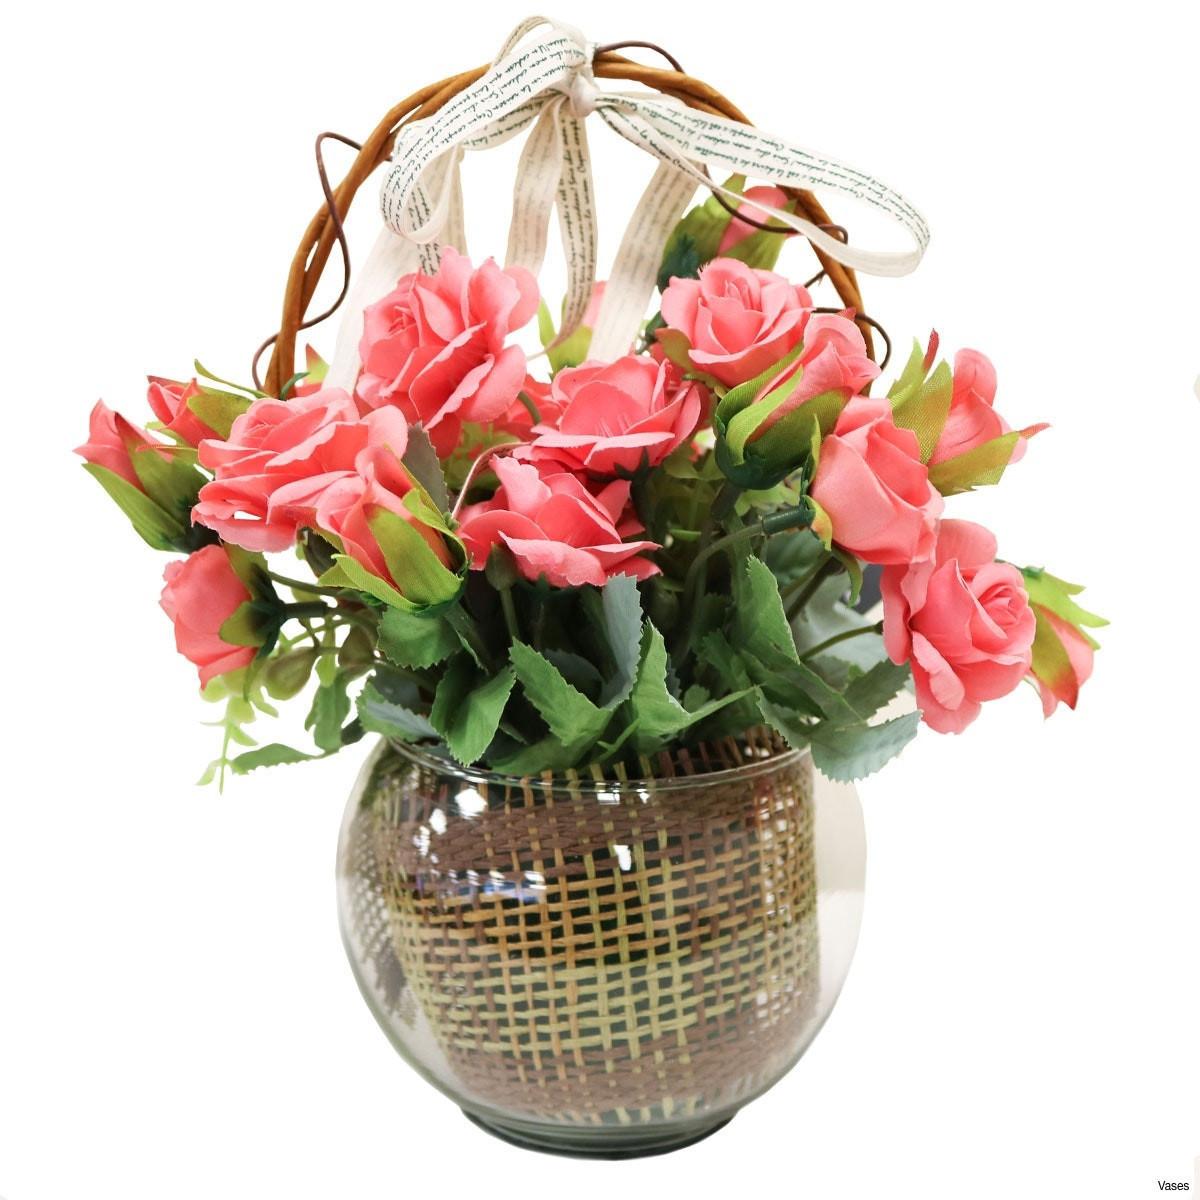 big champagne glass vase of 30 elegant flower basket decoration flower decoration ideas with bf142 11km 1200x1200h vases pink flower vase i 0d gold inspiration